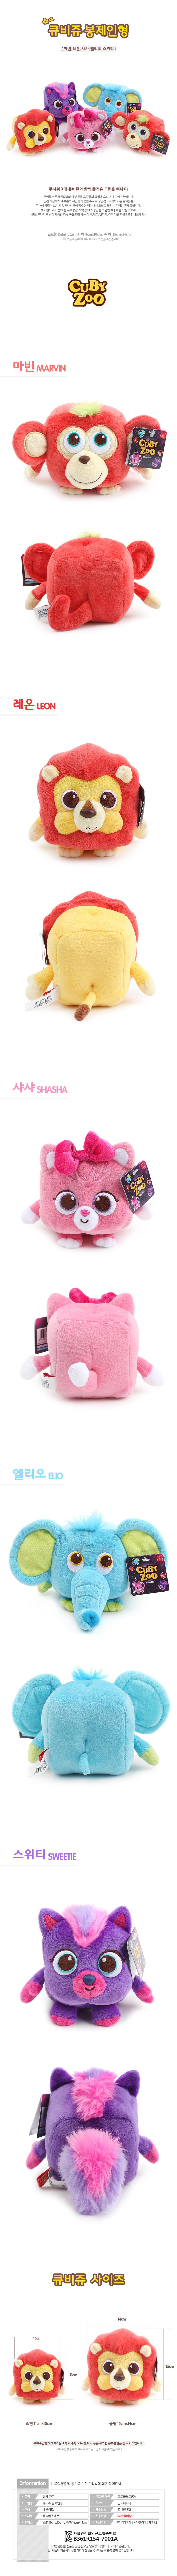 큐비쥬 샤샤 인형(15cm)/동물인형 캐릭터인형 - 기프트갓, 12,520원, 애니멀인형, 기타 동물 인형